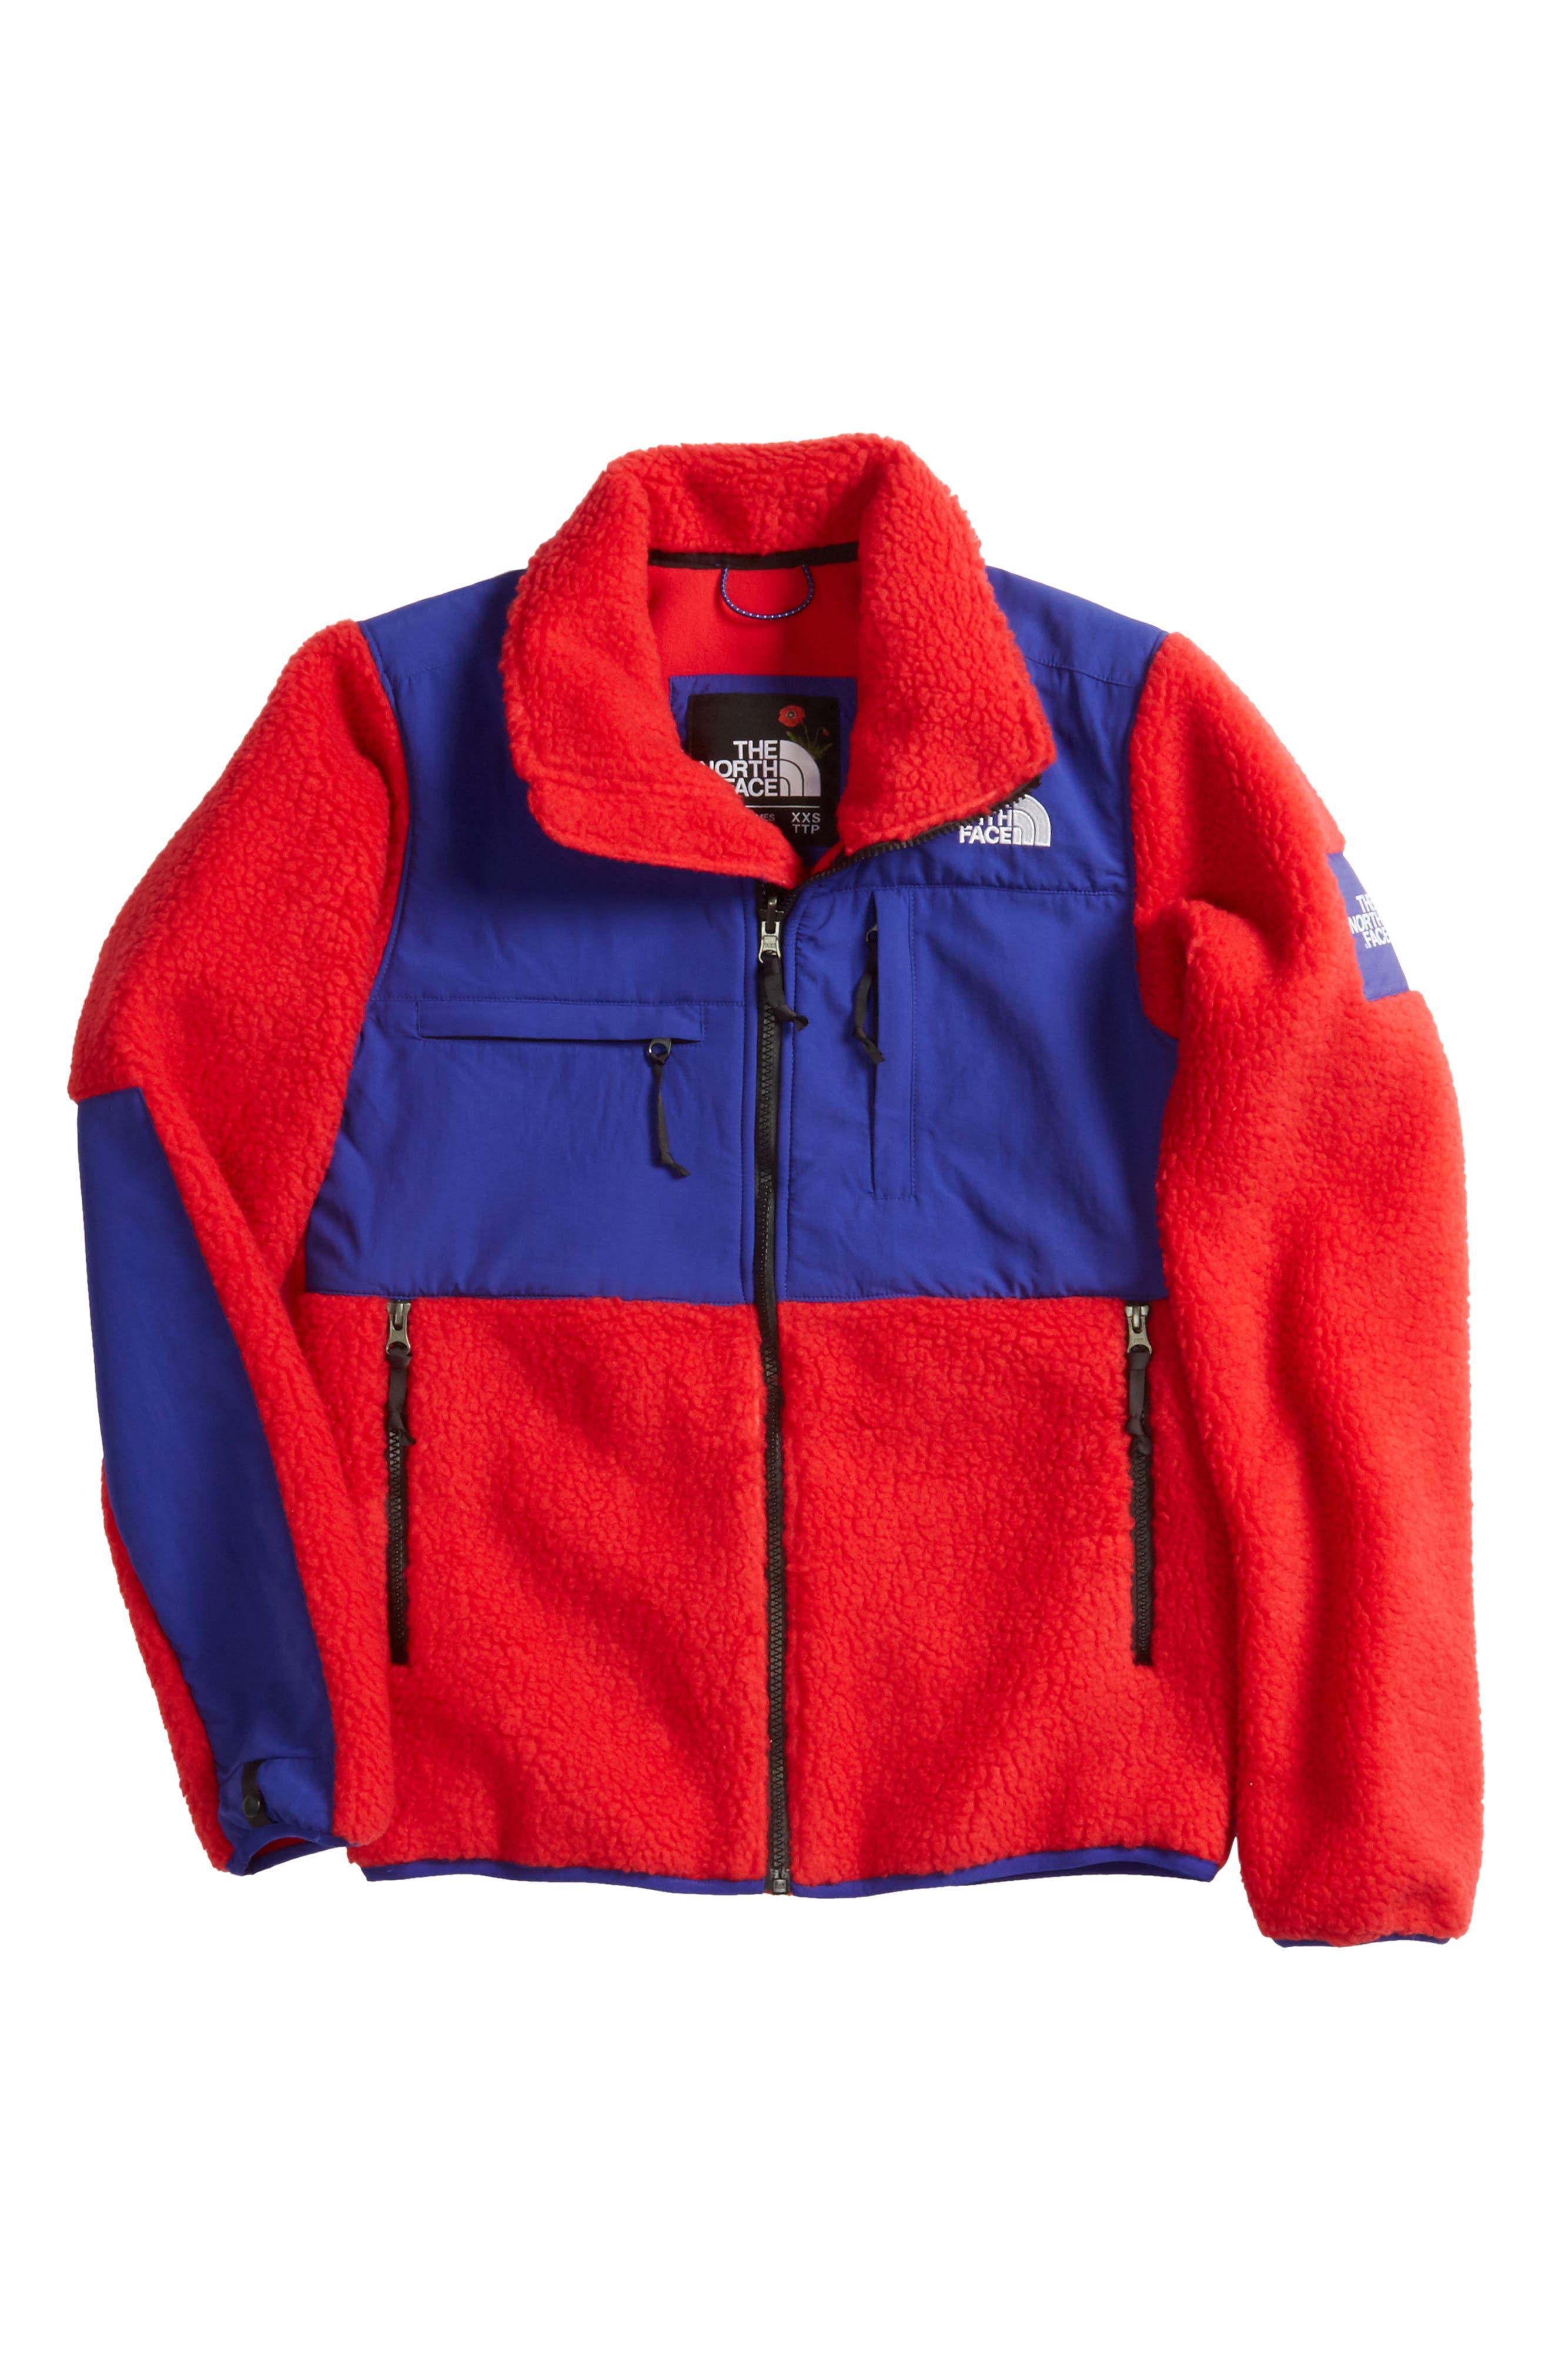 Denali Jacket,                             Main thumbnail 1, color,                             Tnf Red